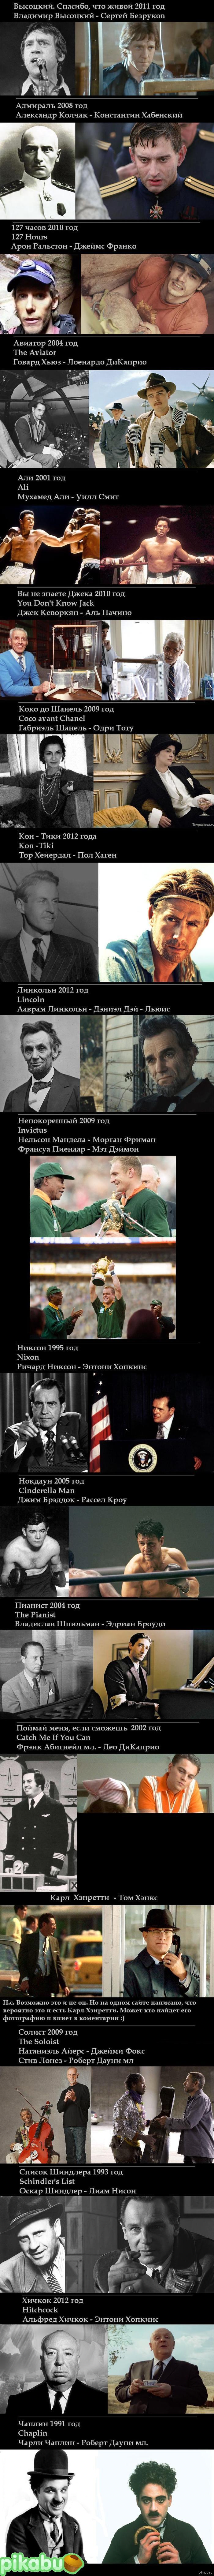 """Актёры, воплотившие в кино образ известных людей. ЧАСТЬ 2 Длиннопост. Вторая часть <a href=""""http://pikabu.ru/story/aktyoryi_voplotivshie_v_kino_obraz_izvestnyikh_lyudeychast_1_1755516"""">http://pikabu.ru/story/_1755516</a>"""